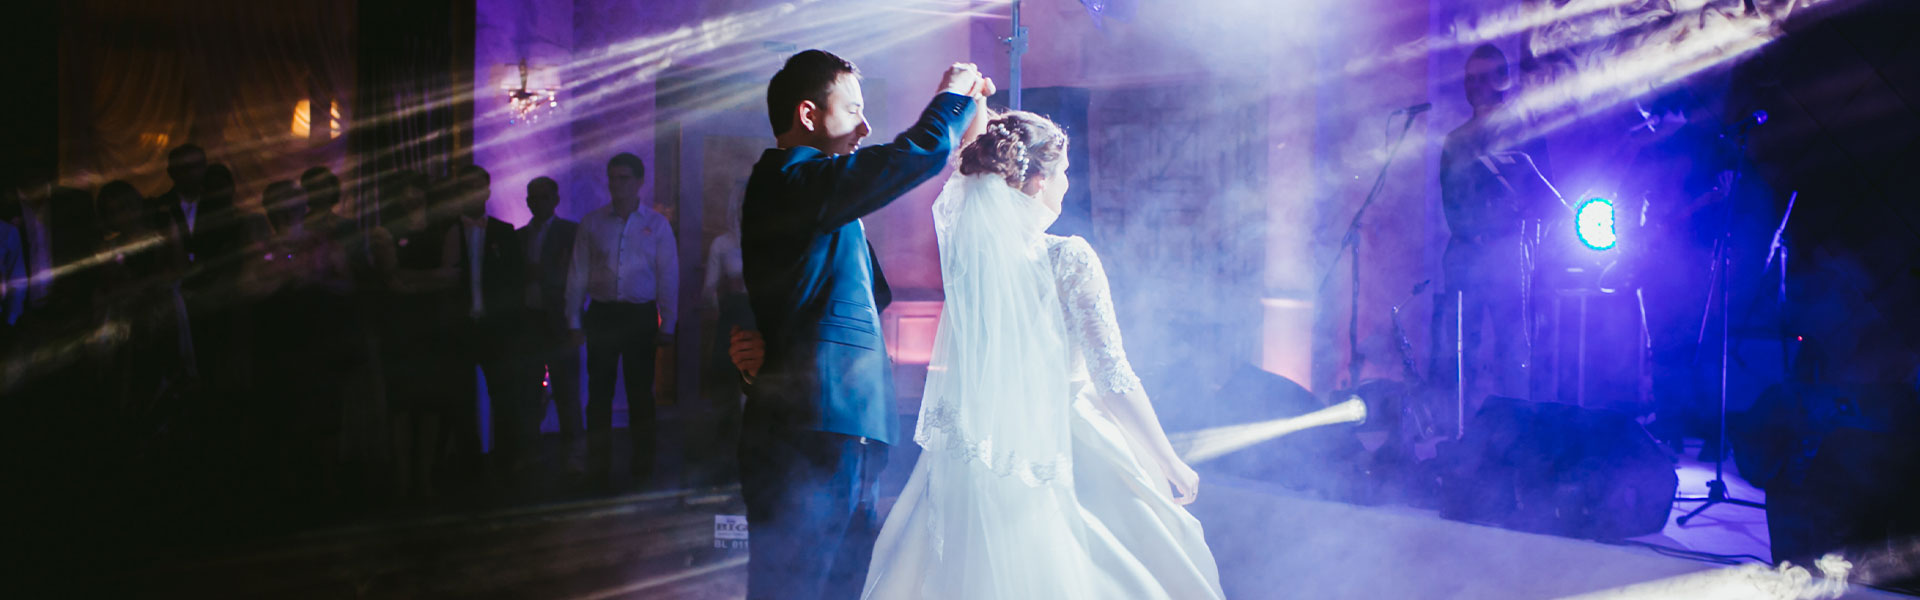 Hochzeitstänze lernen